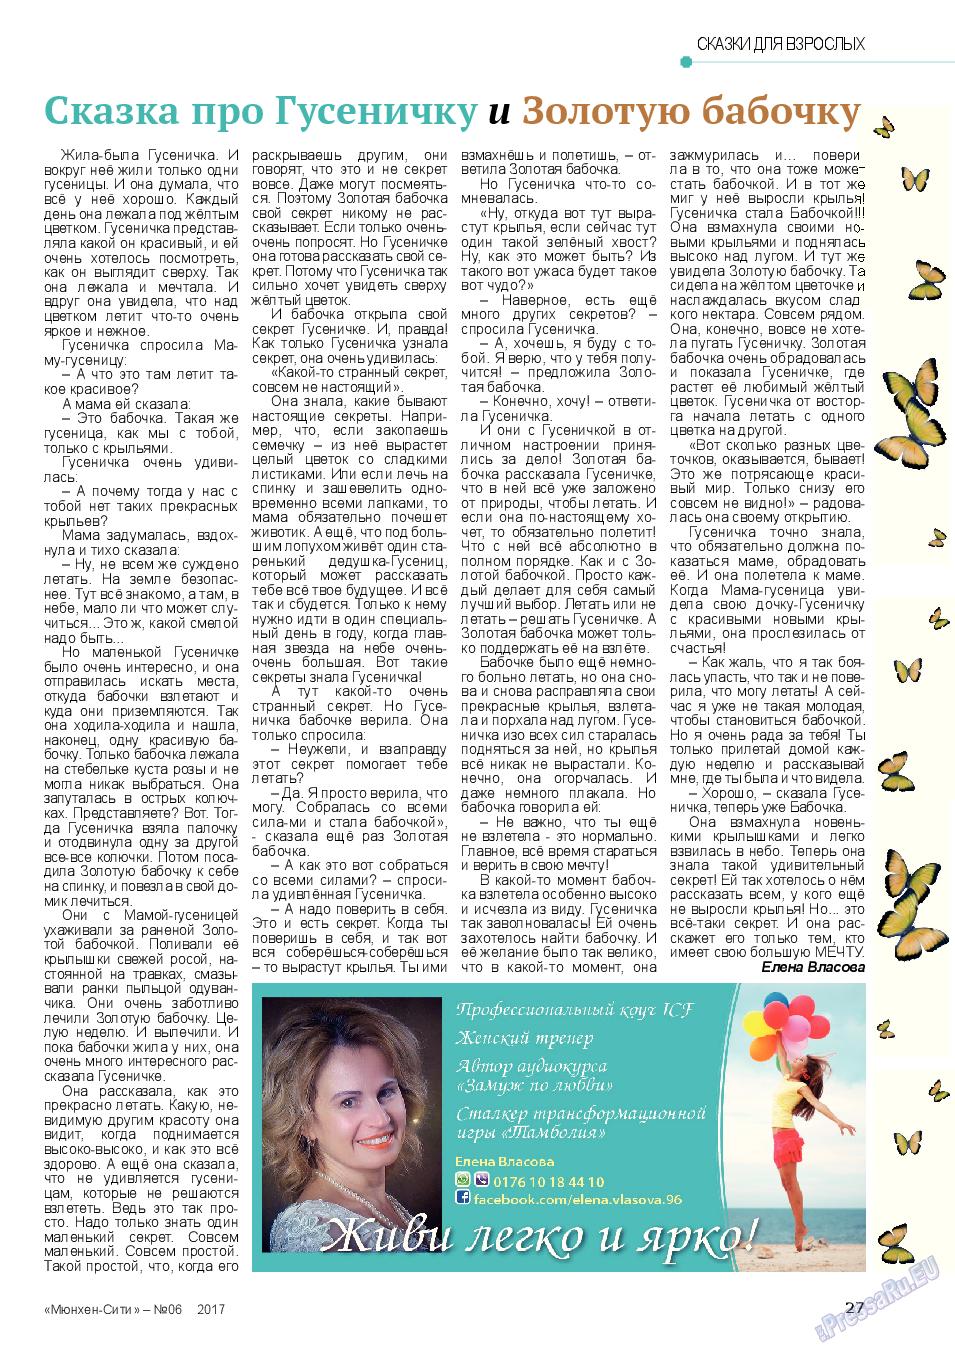 Мюнхен-сити (журнал). 2017 год, номер 6, стр. 27